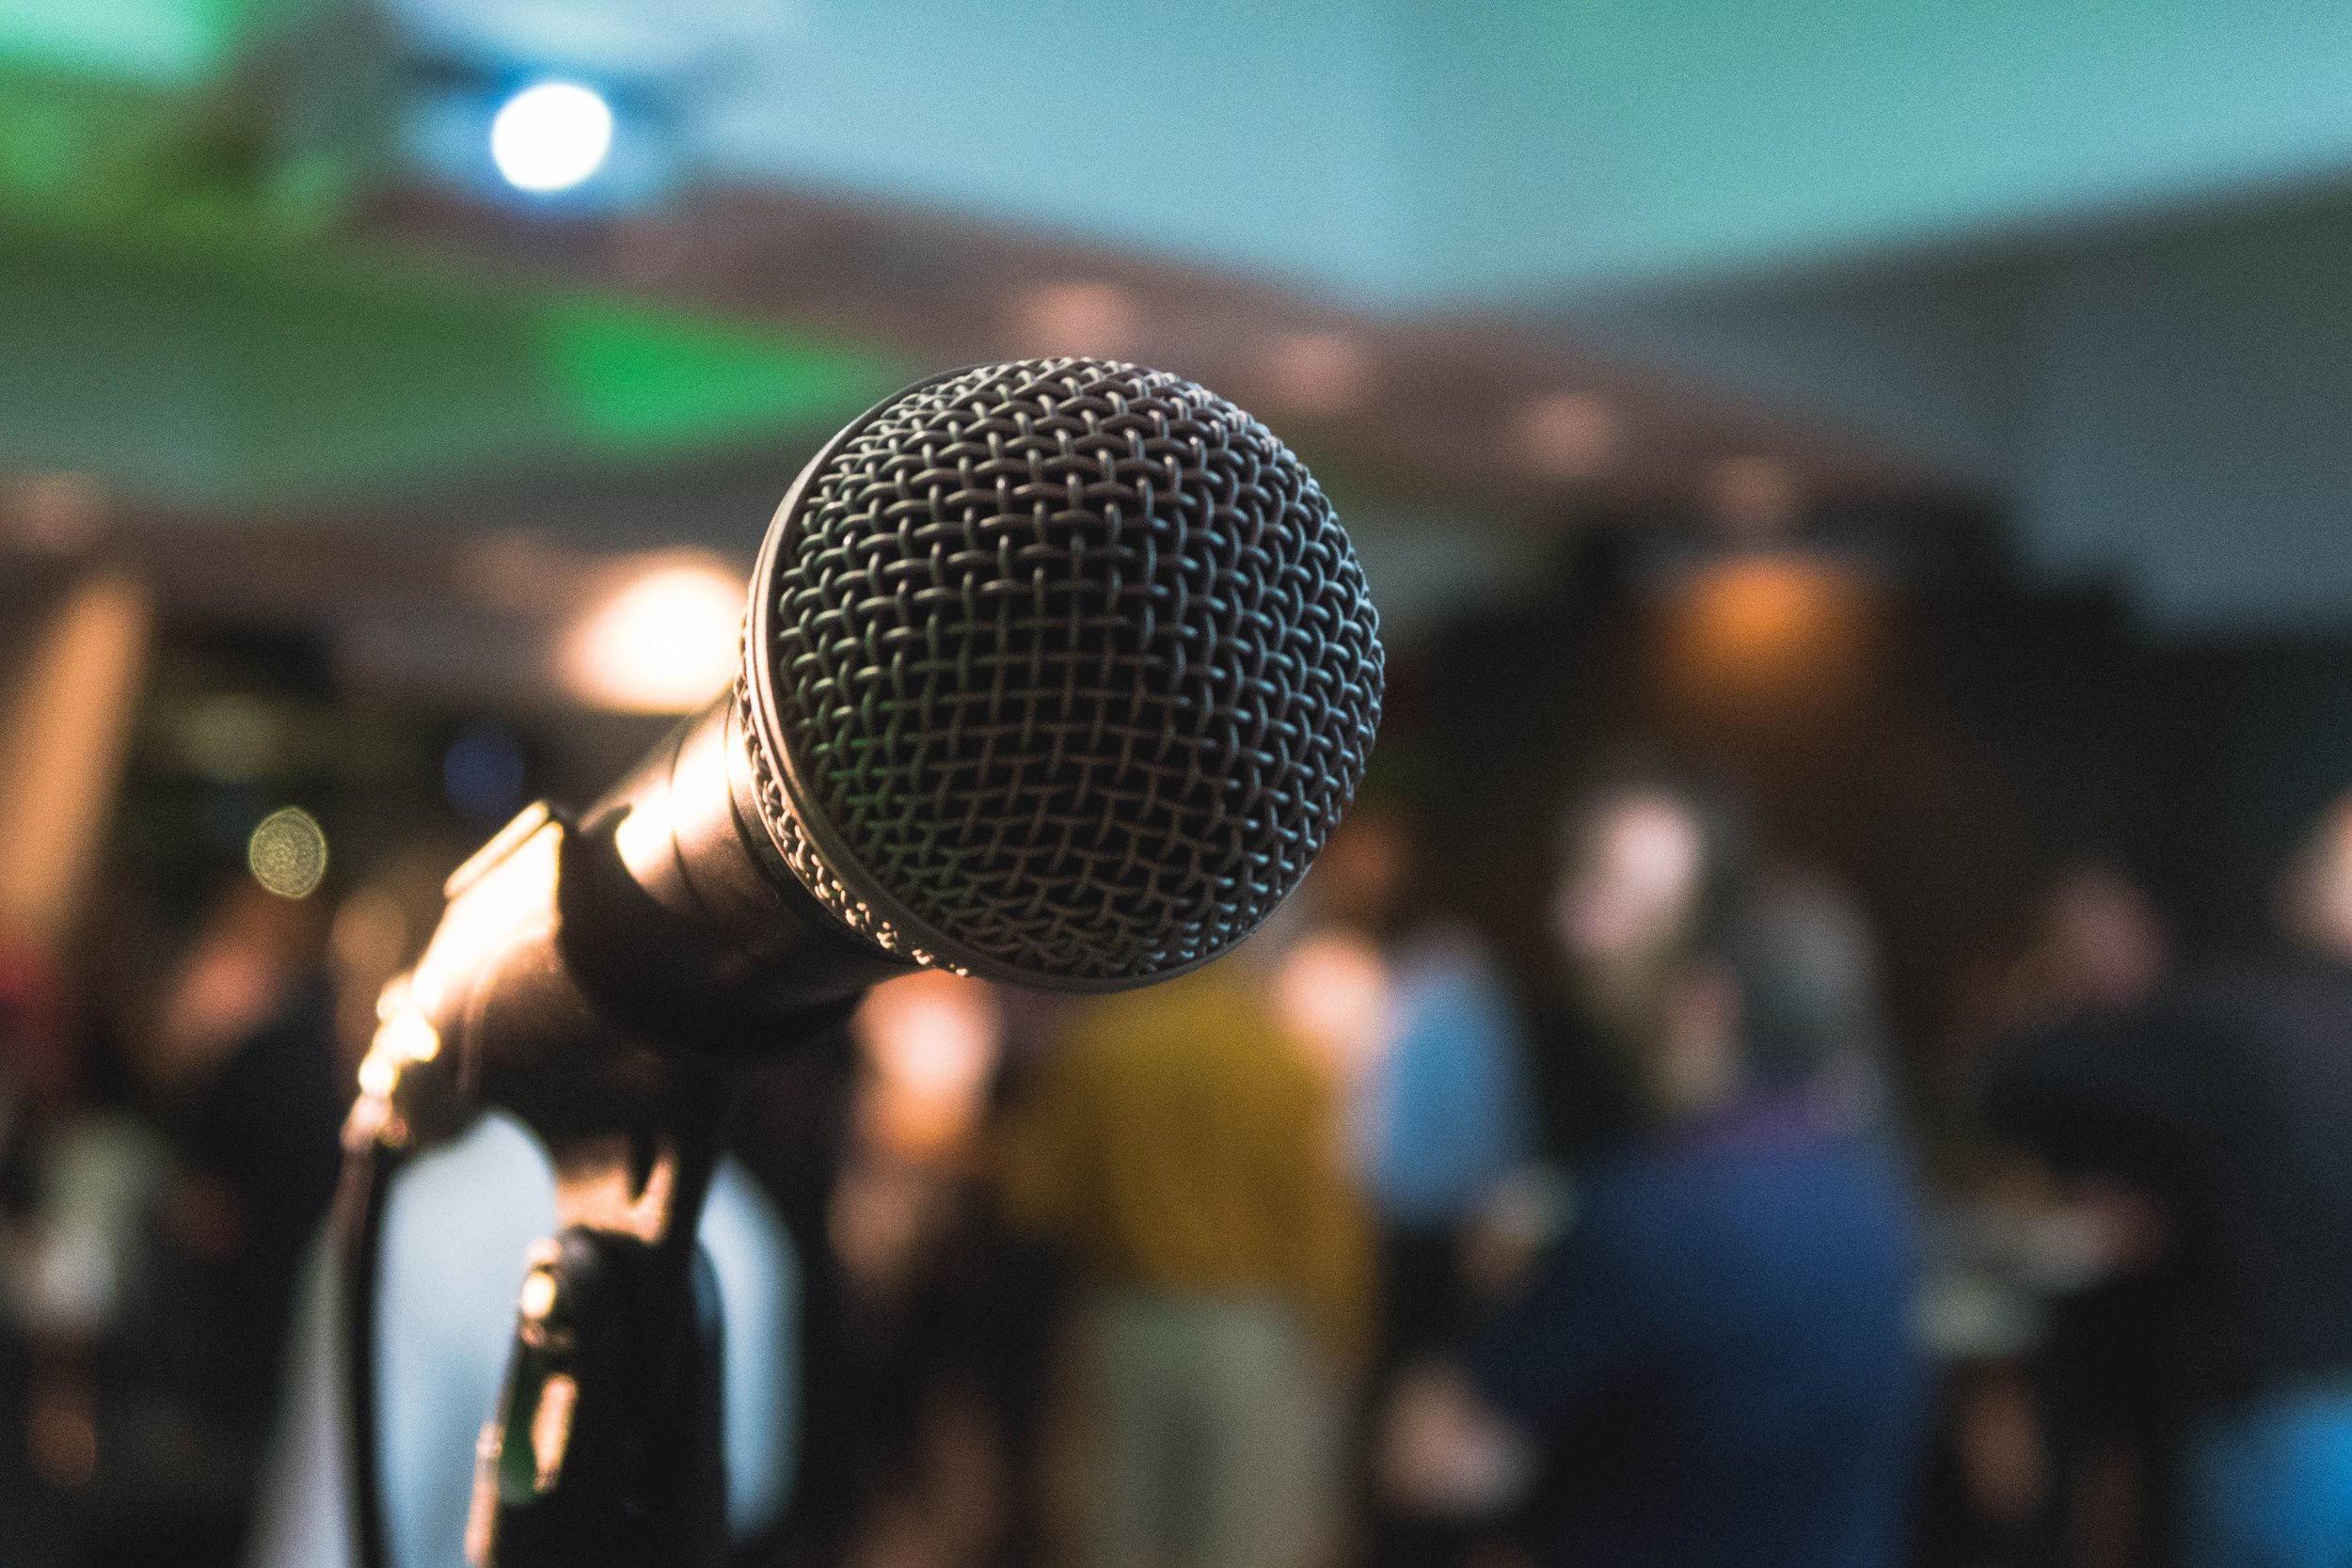 - Onze stem en onze woordkeuze bepalen de kracht en of je ingetuned geraakt met je gesprekpartner(s).Als we meer gebruik maken van onze stem en spreken via onze zintuigen en ervaring komt verbinding veel gemakkelijker tot stand.Deze training laat je ontdekken wat je allemaal kan met je stem, je lichaam en de woorden die je kiest.